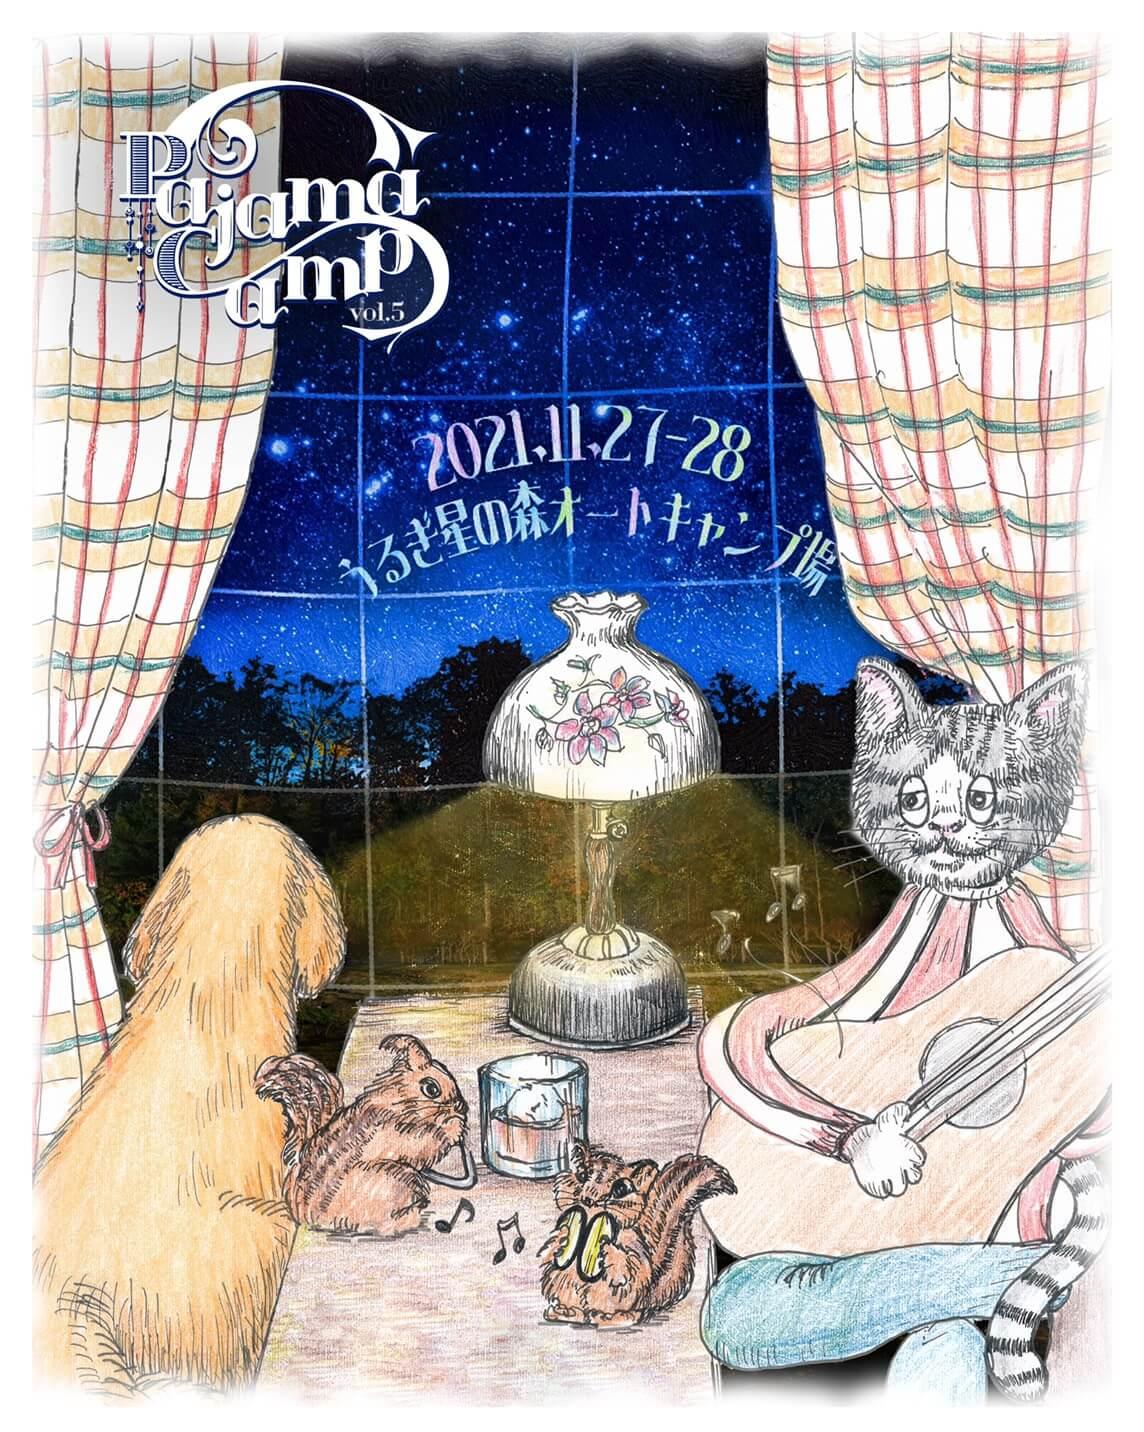 パジャマキャンプ vol.5 @うるぎ星の森オートキャンプ場 フライヤー